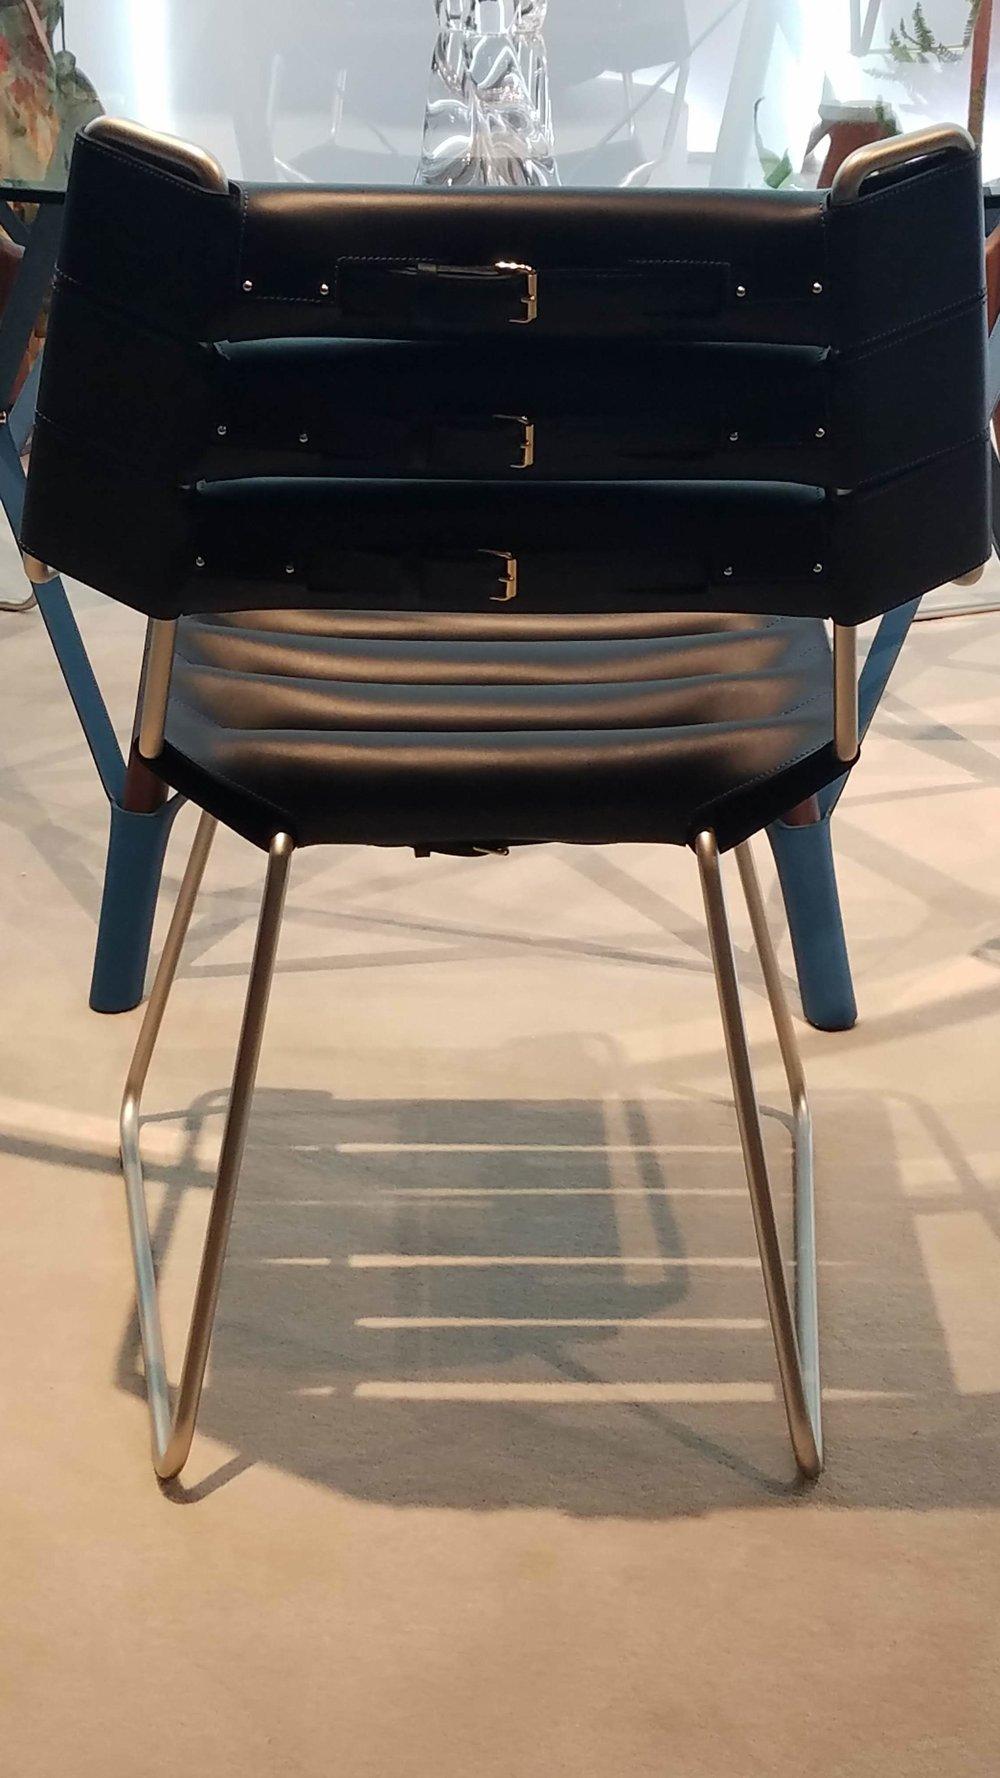 Louis Vuitton, Objets Nomades